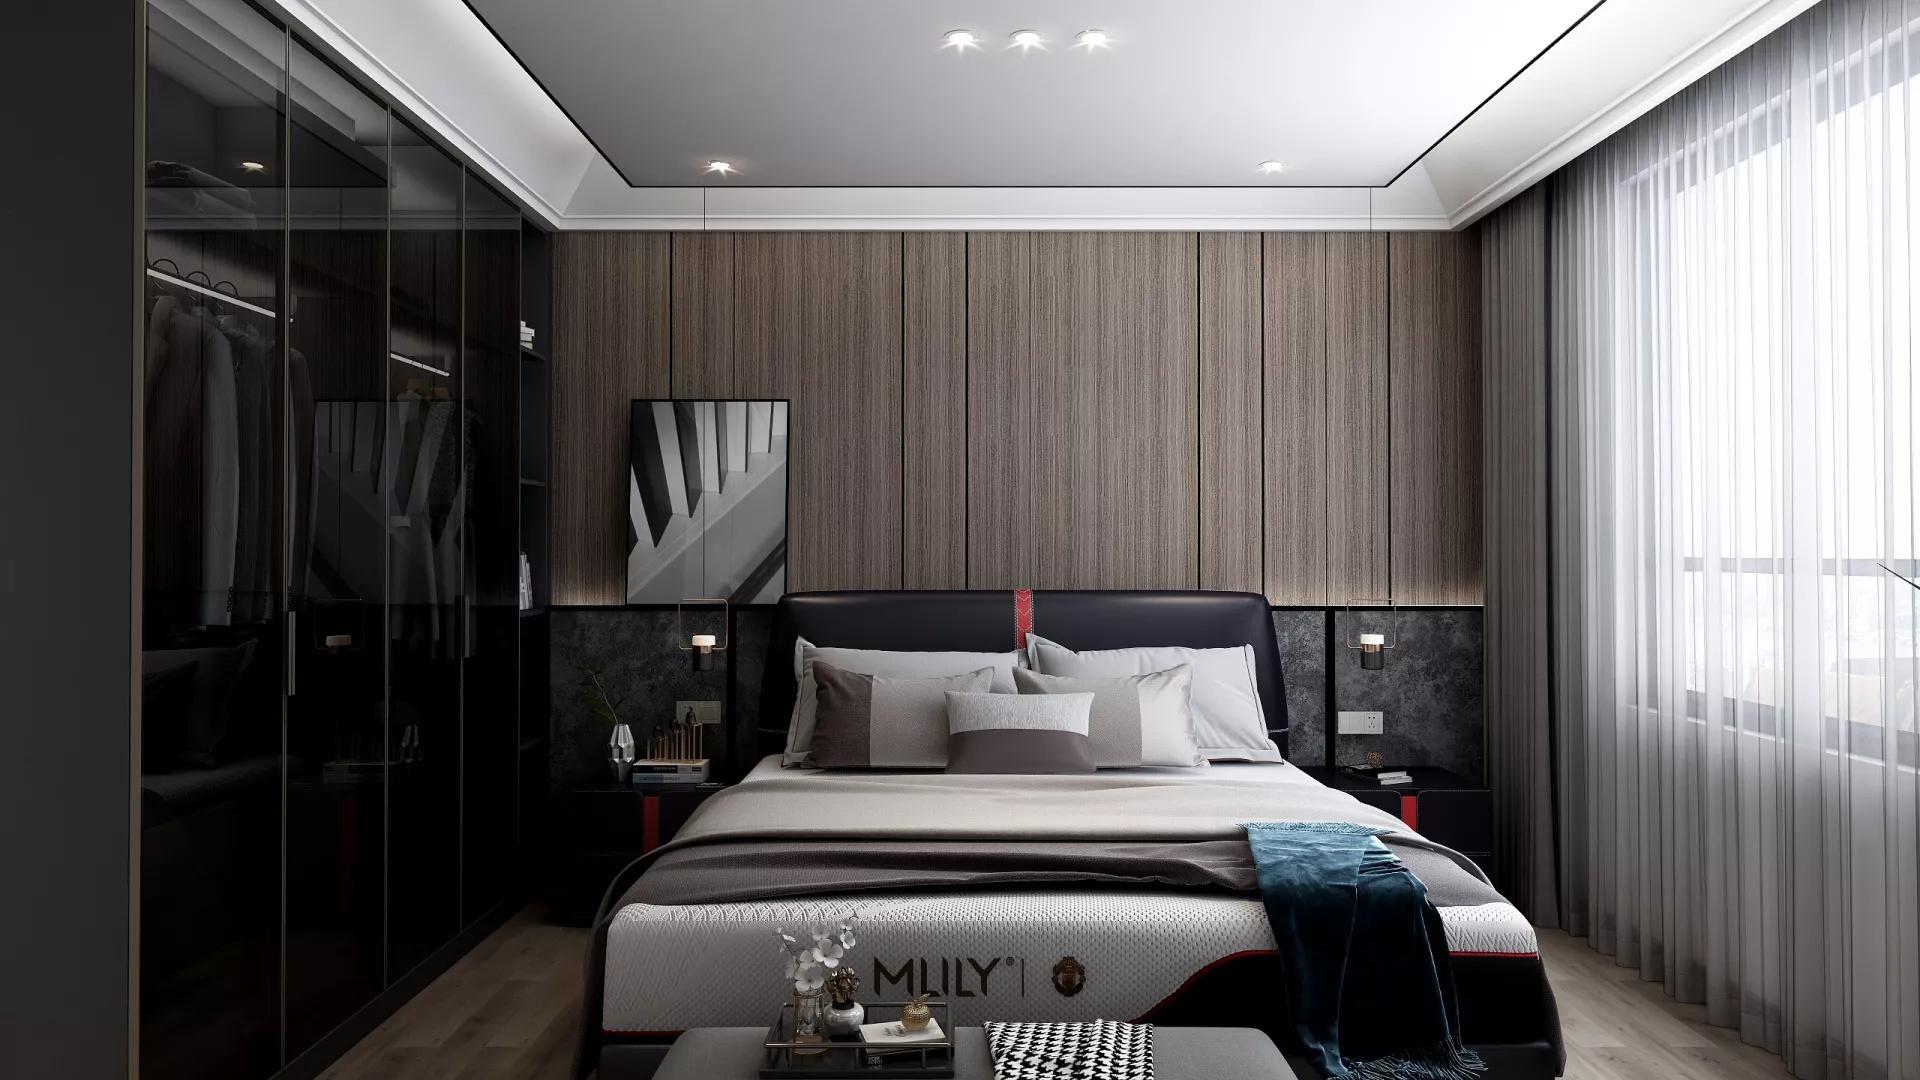 卧室怎样布置有助于夫妻感情增长 四大建议